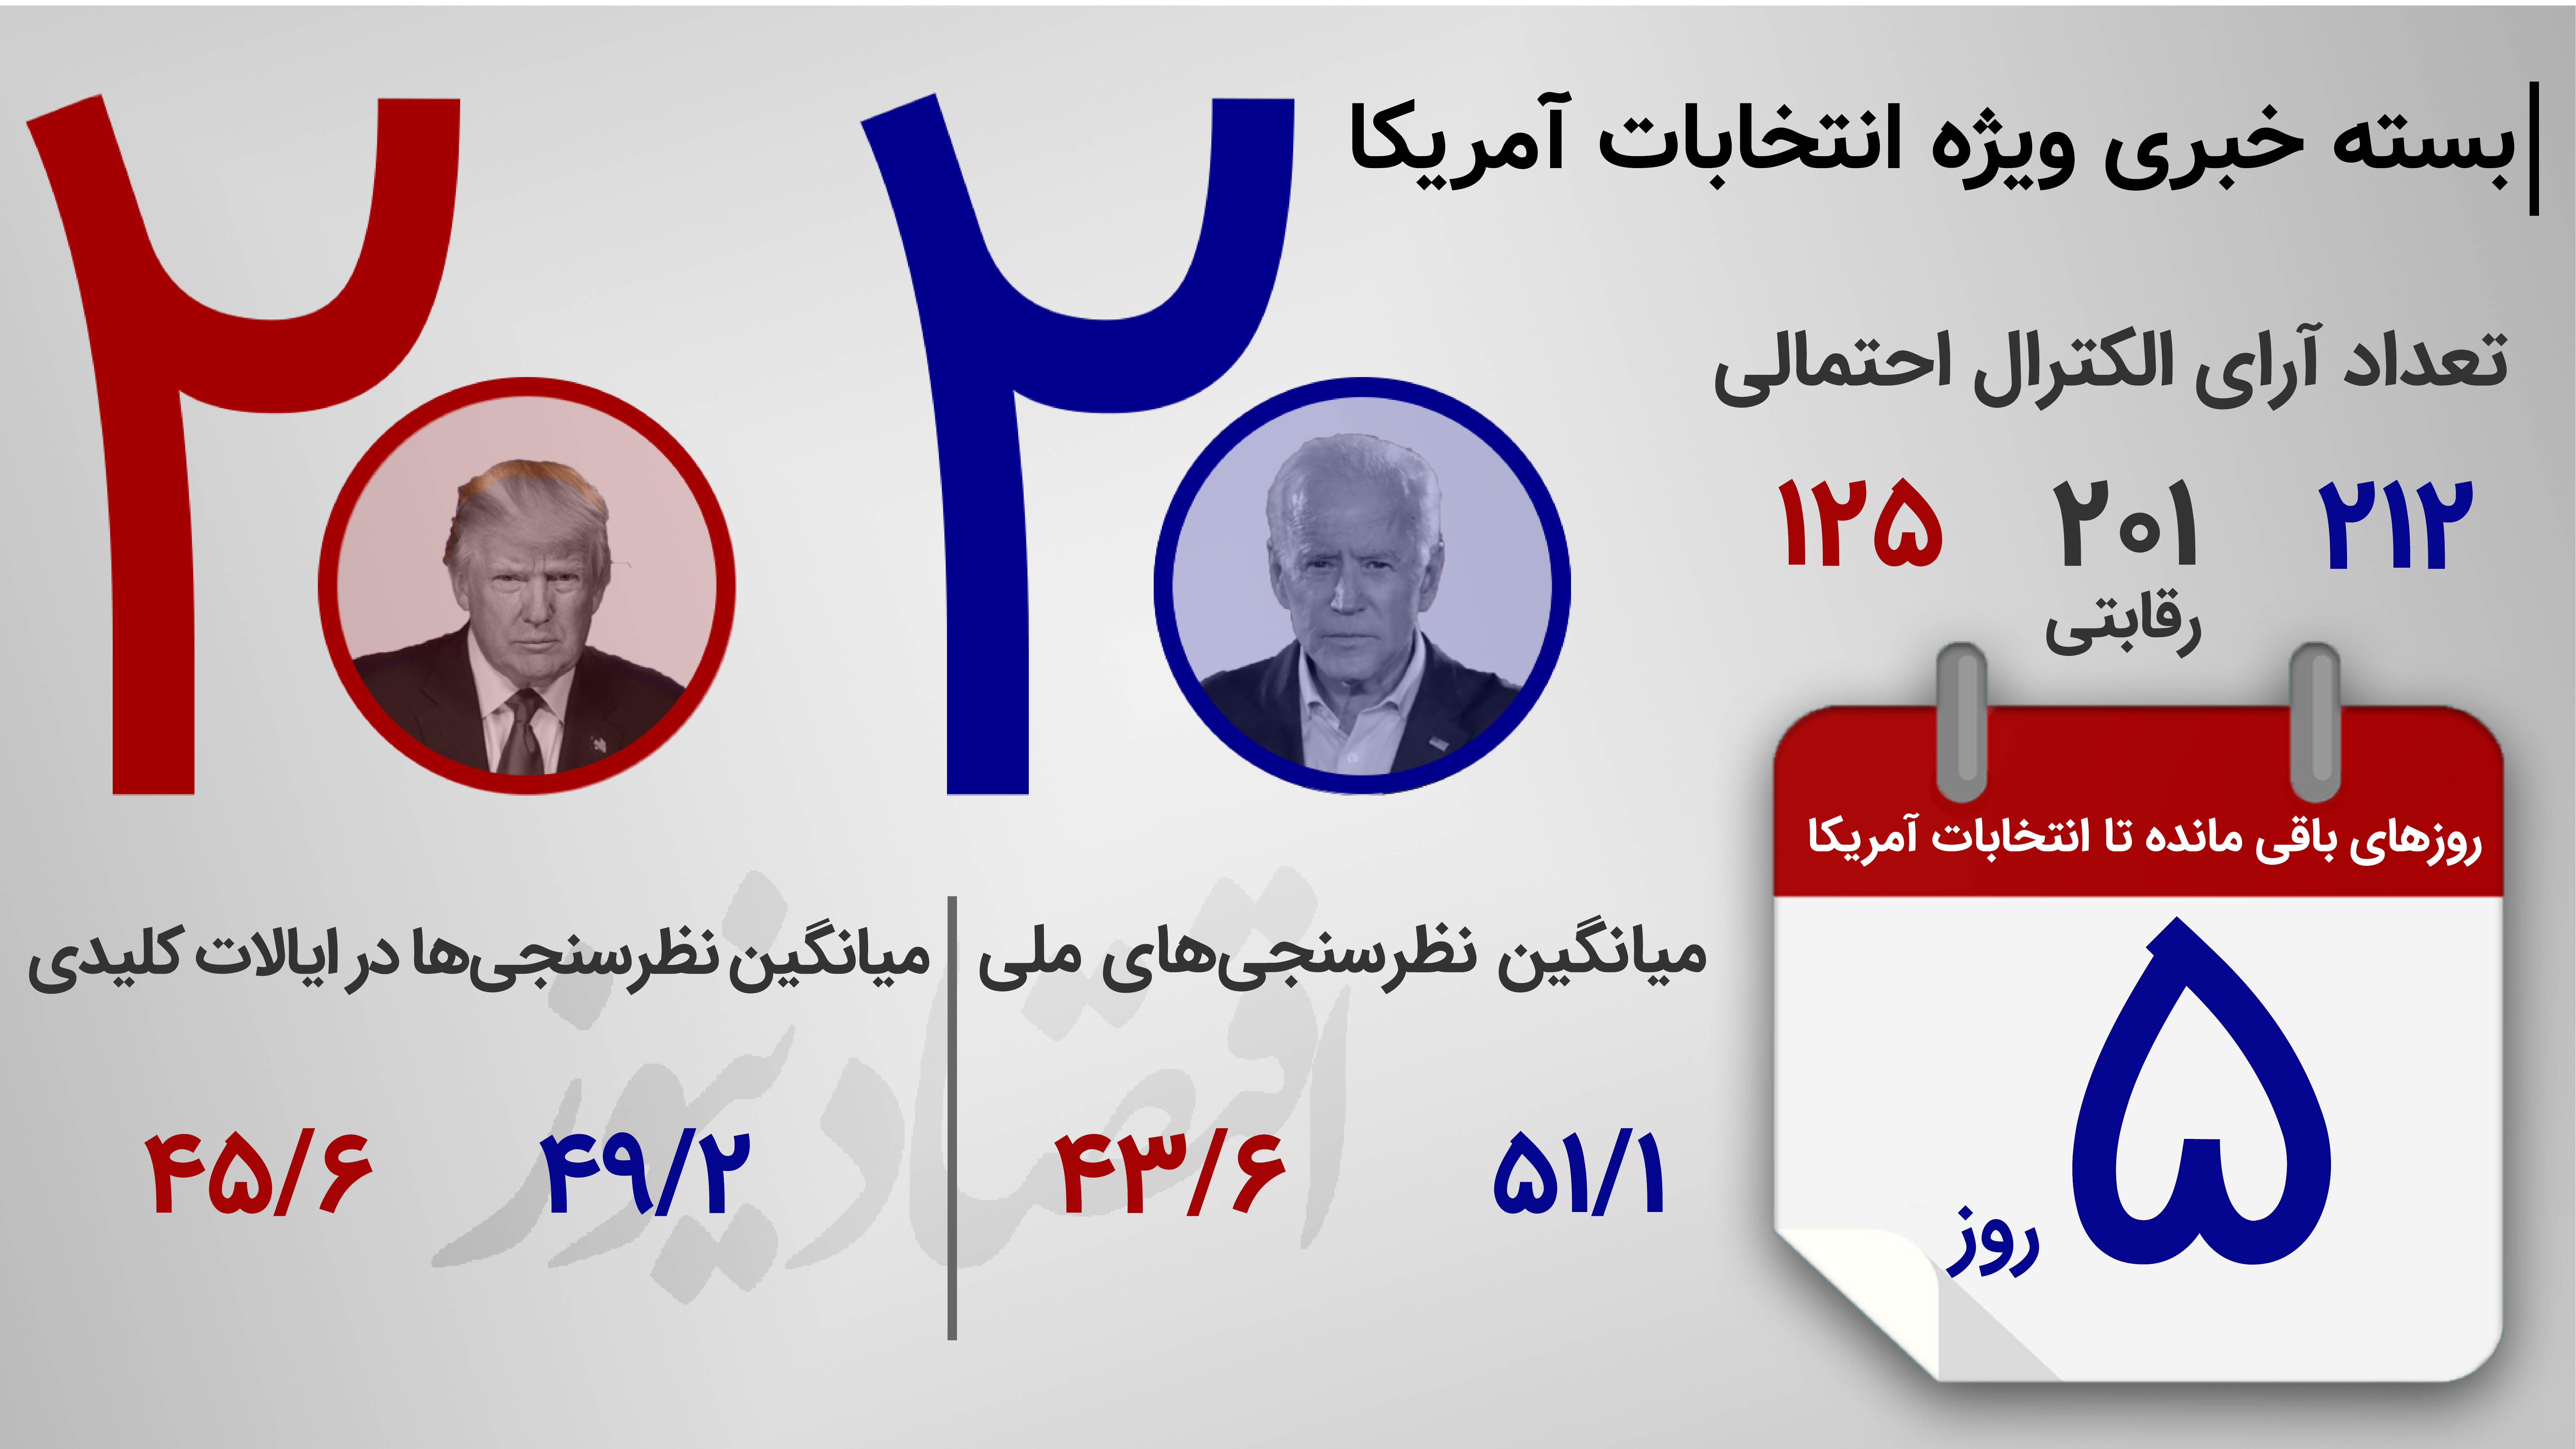 بسته خبری ویژه انتخابات آمریکا ۵